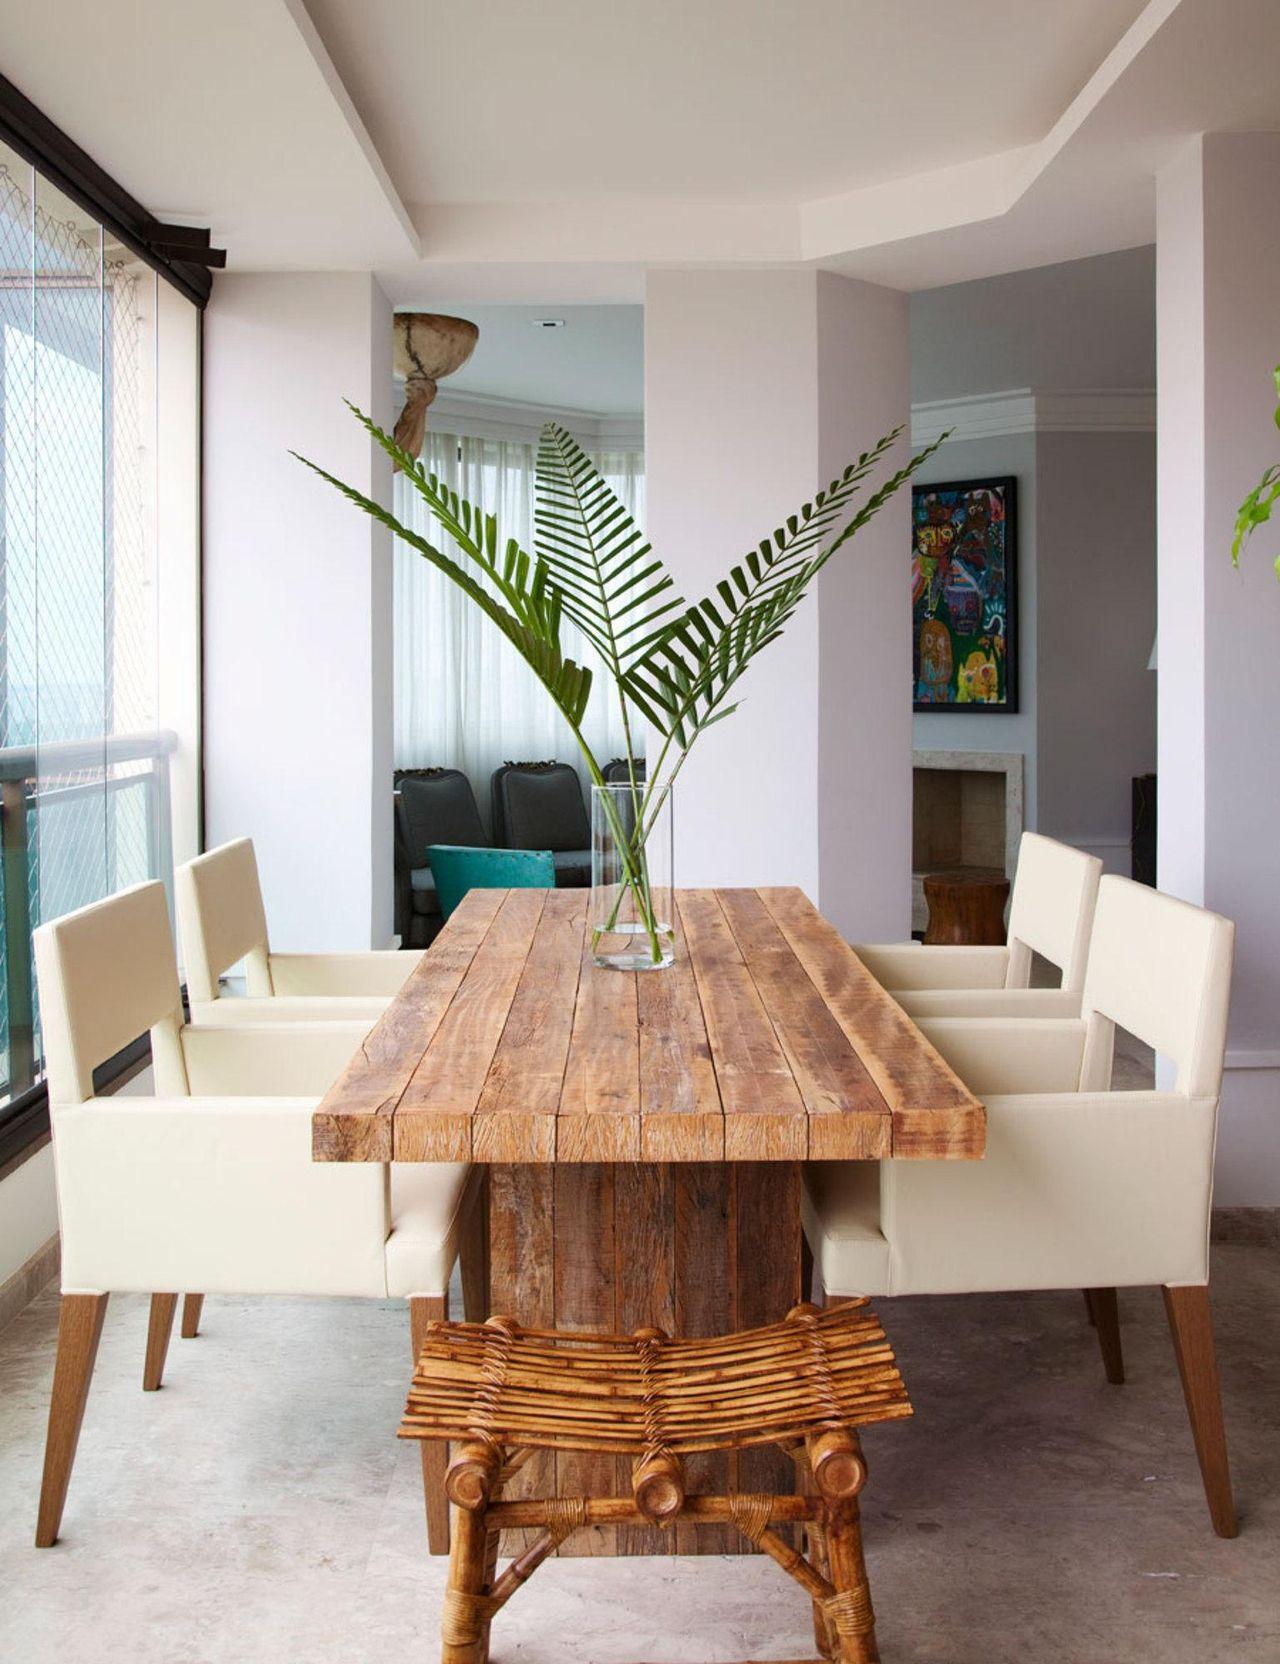 Cozinha Americana Com Sala De Jantar Rustica Oppenau Info -> Sala De Estar Pequena E Rustica